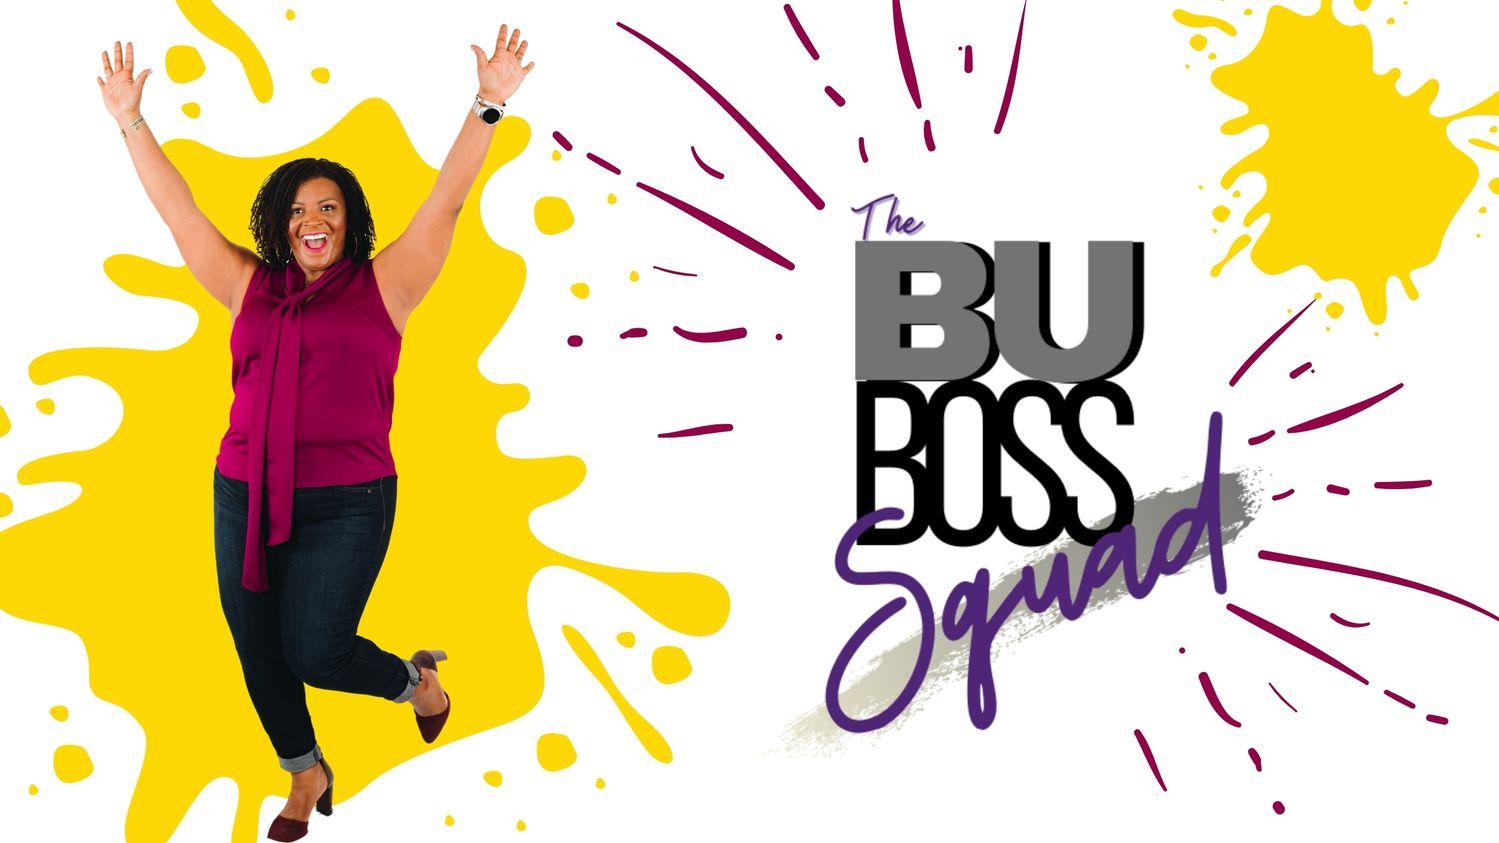 the bu boss squad invite